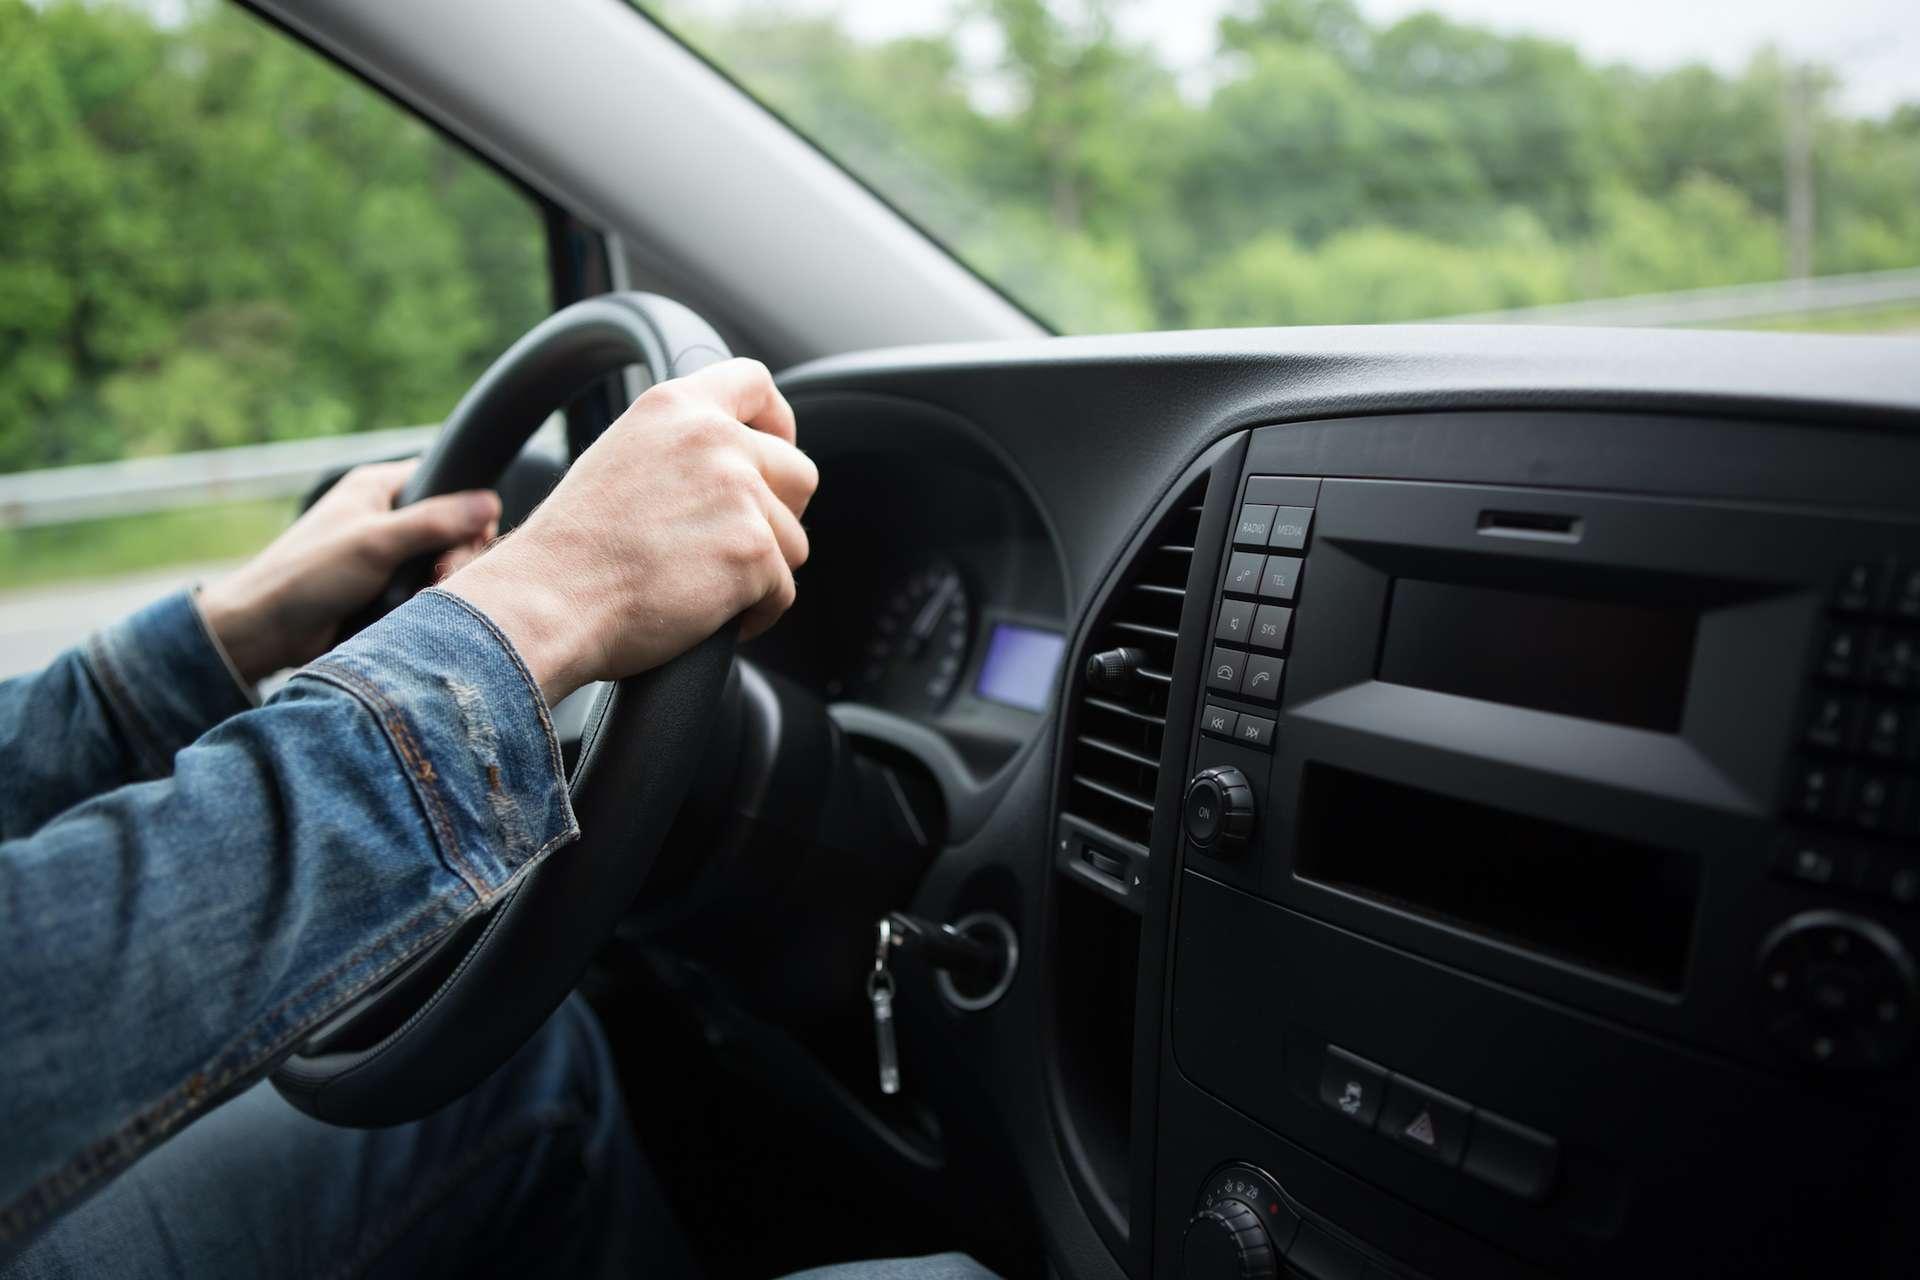 Tenir son volant selon un angle de 30°, -60° ou -30° semble moins fatigant pour le tourner. © lzf, Adobe Stock